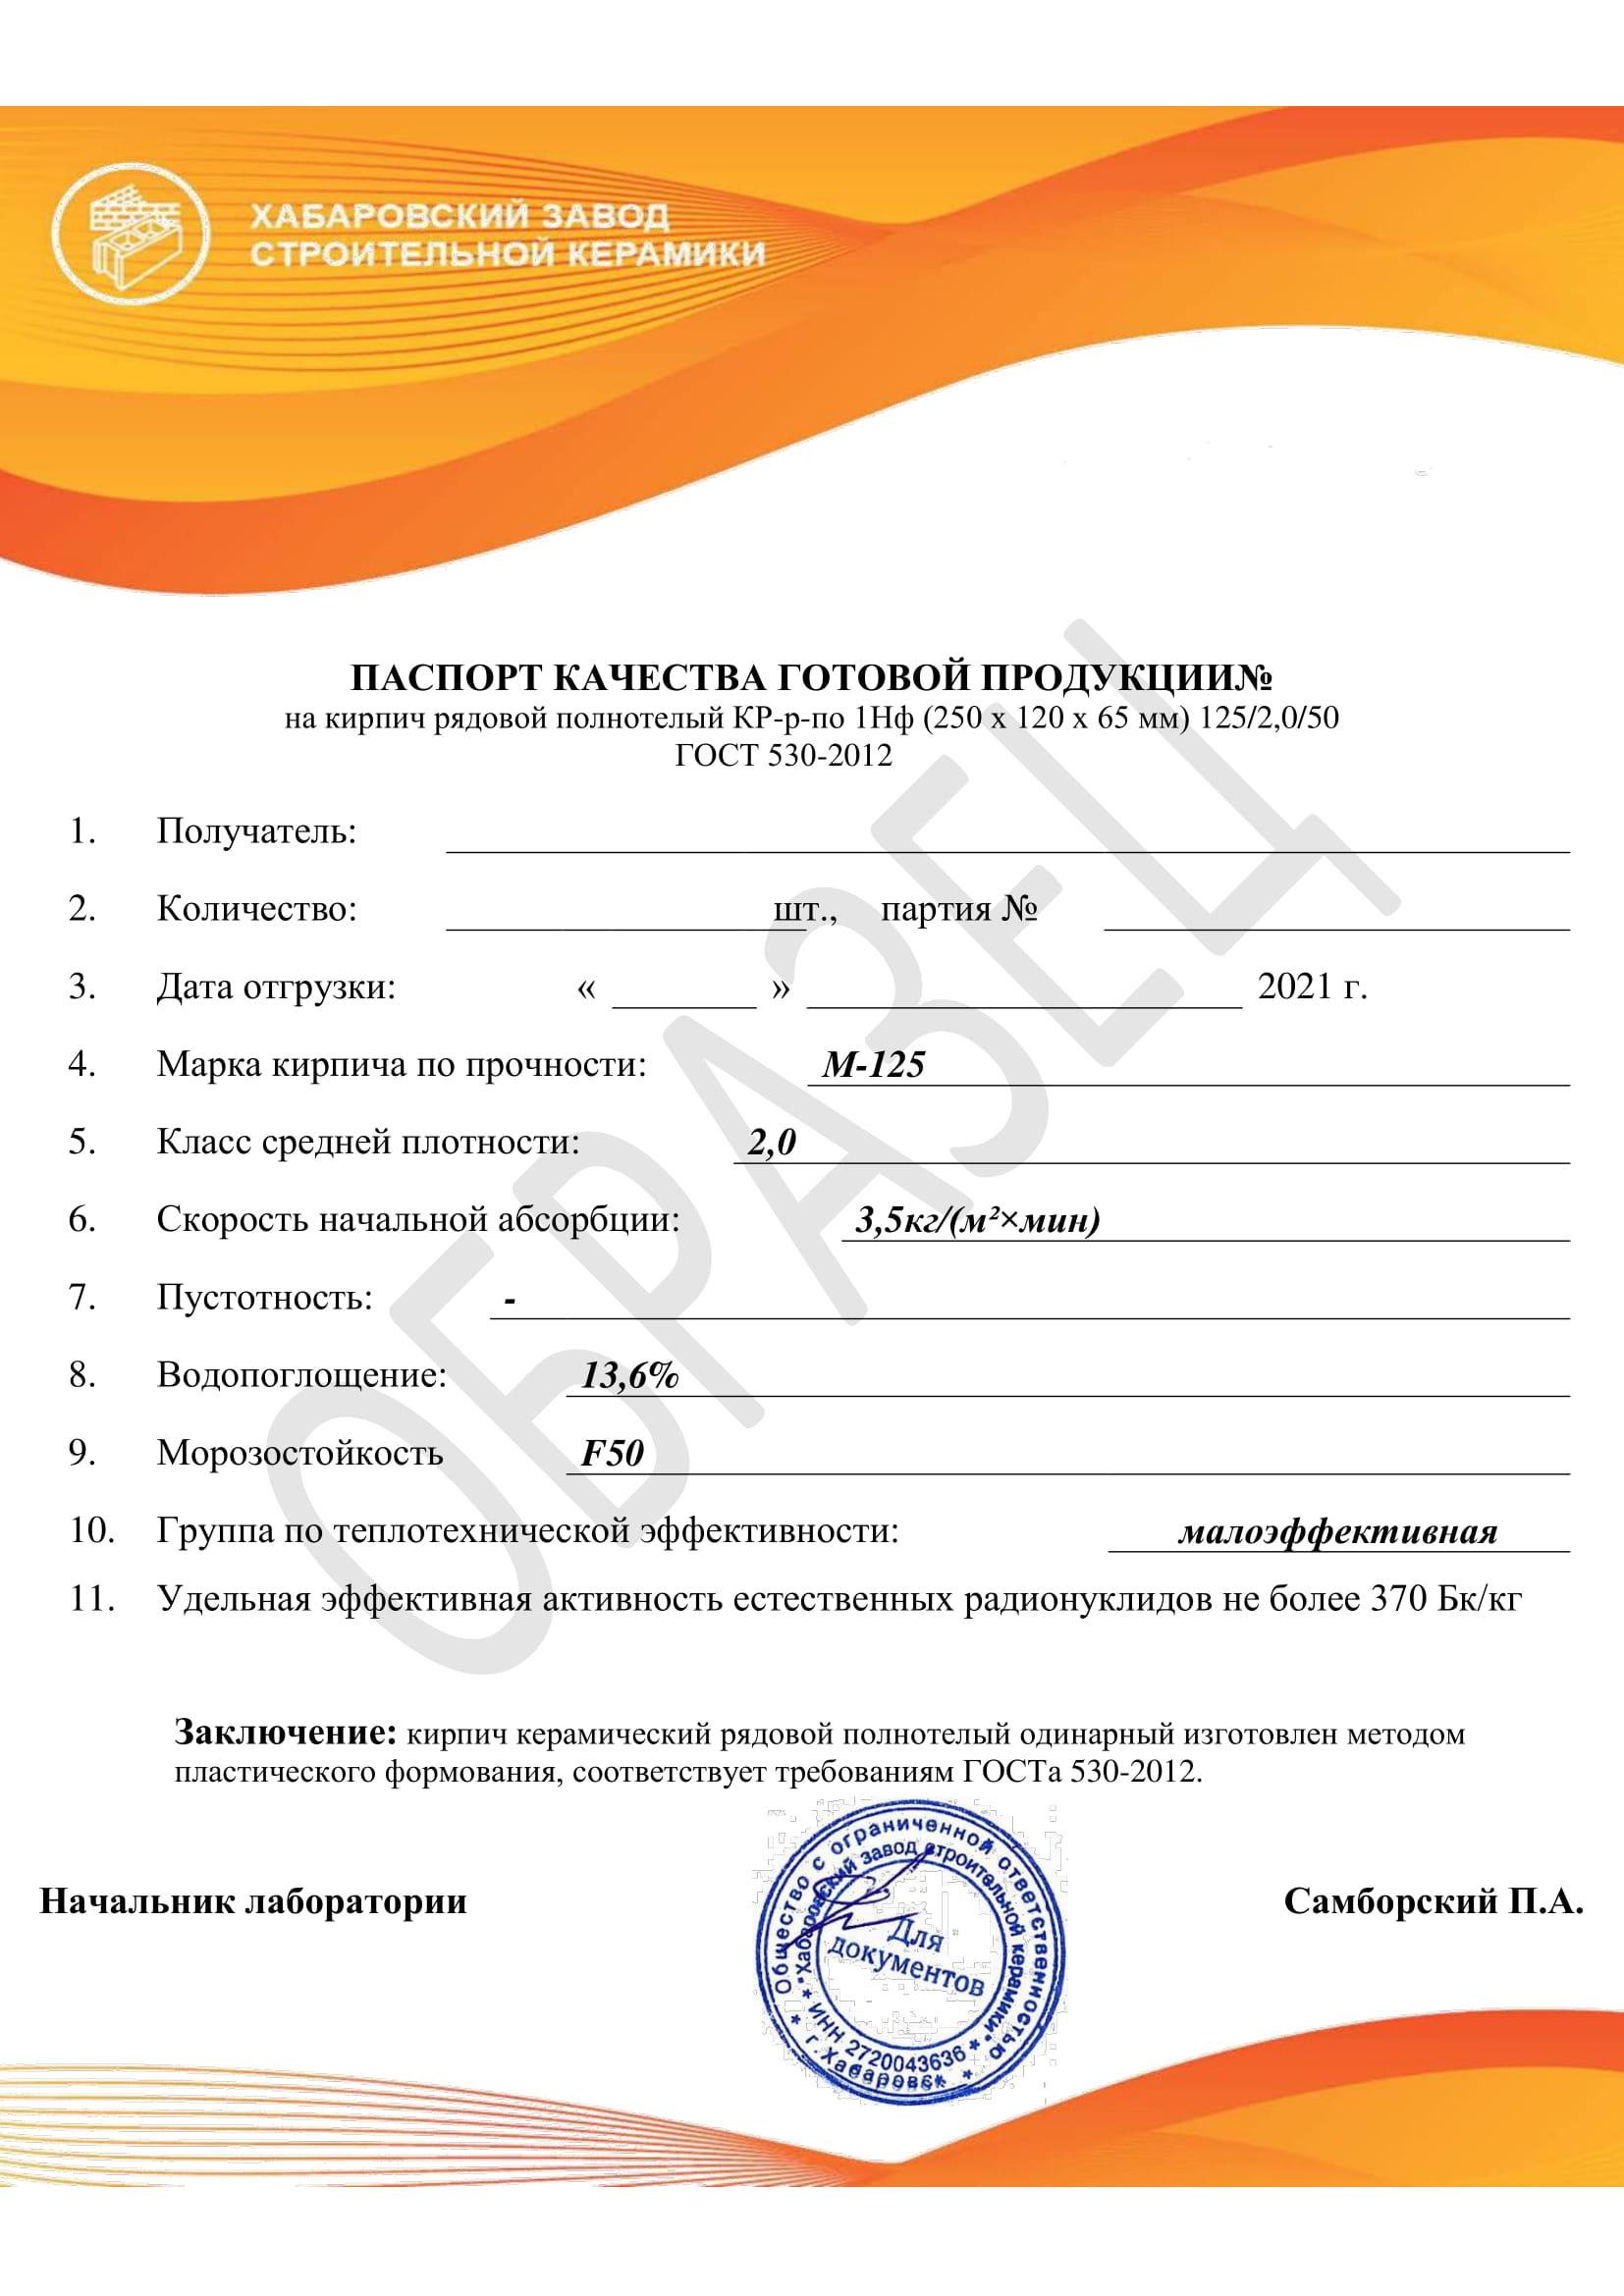 Паспорт образец М 125 полнотелый-1